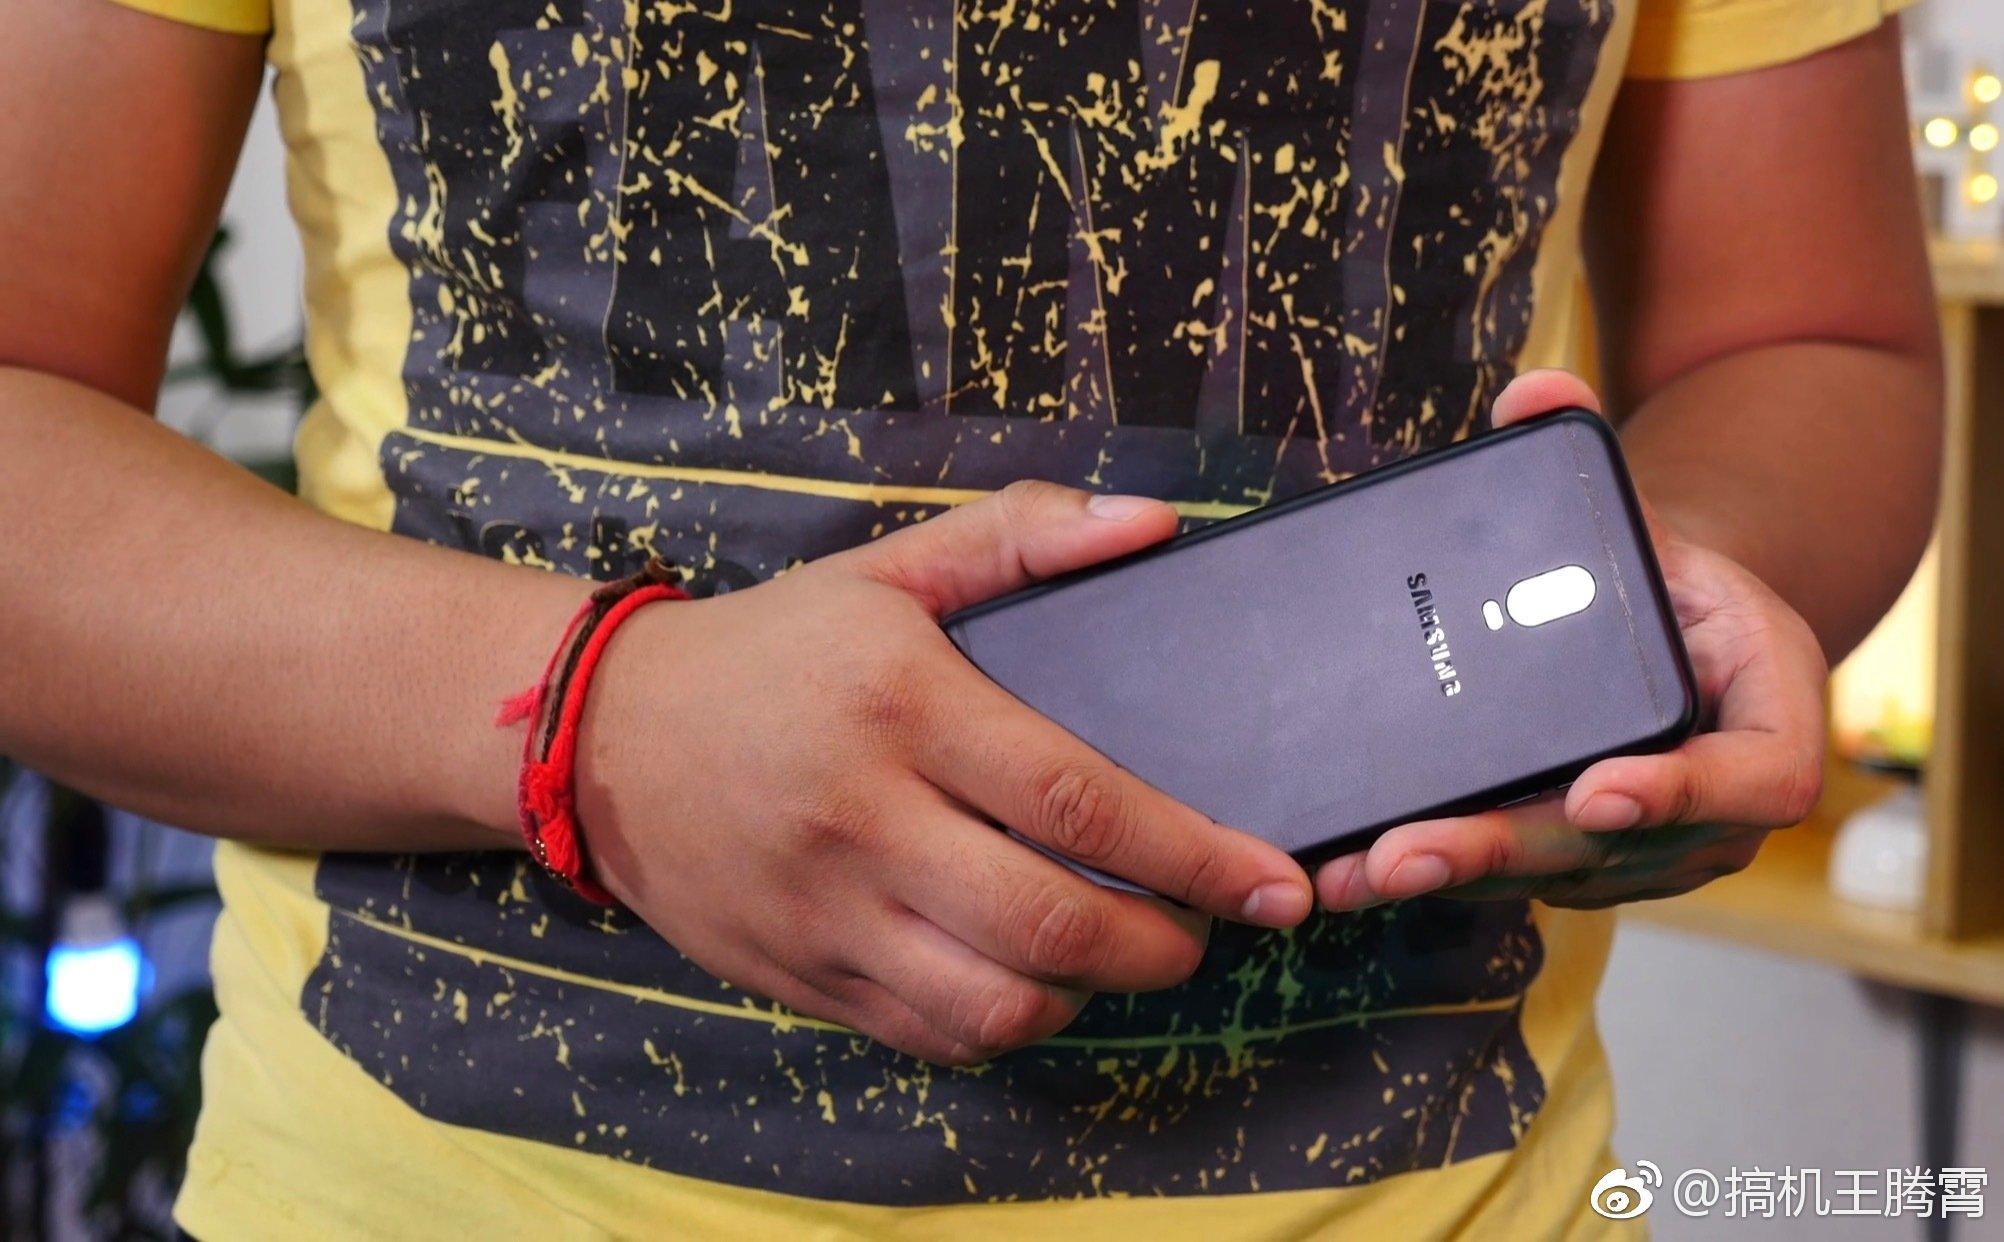 Svelati prezzo e disponibilità del Samsung Galaxy J7 Plus